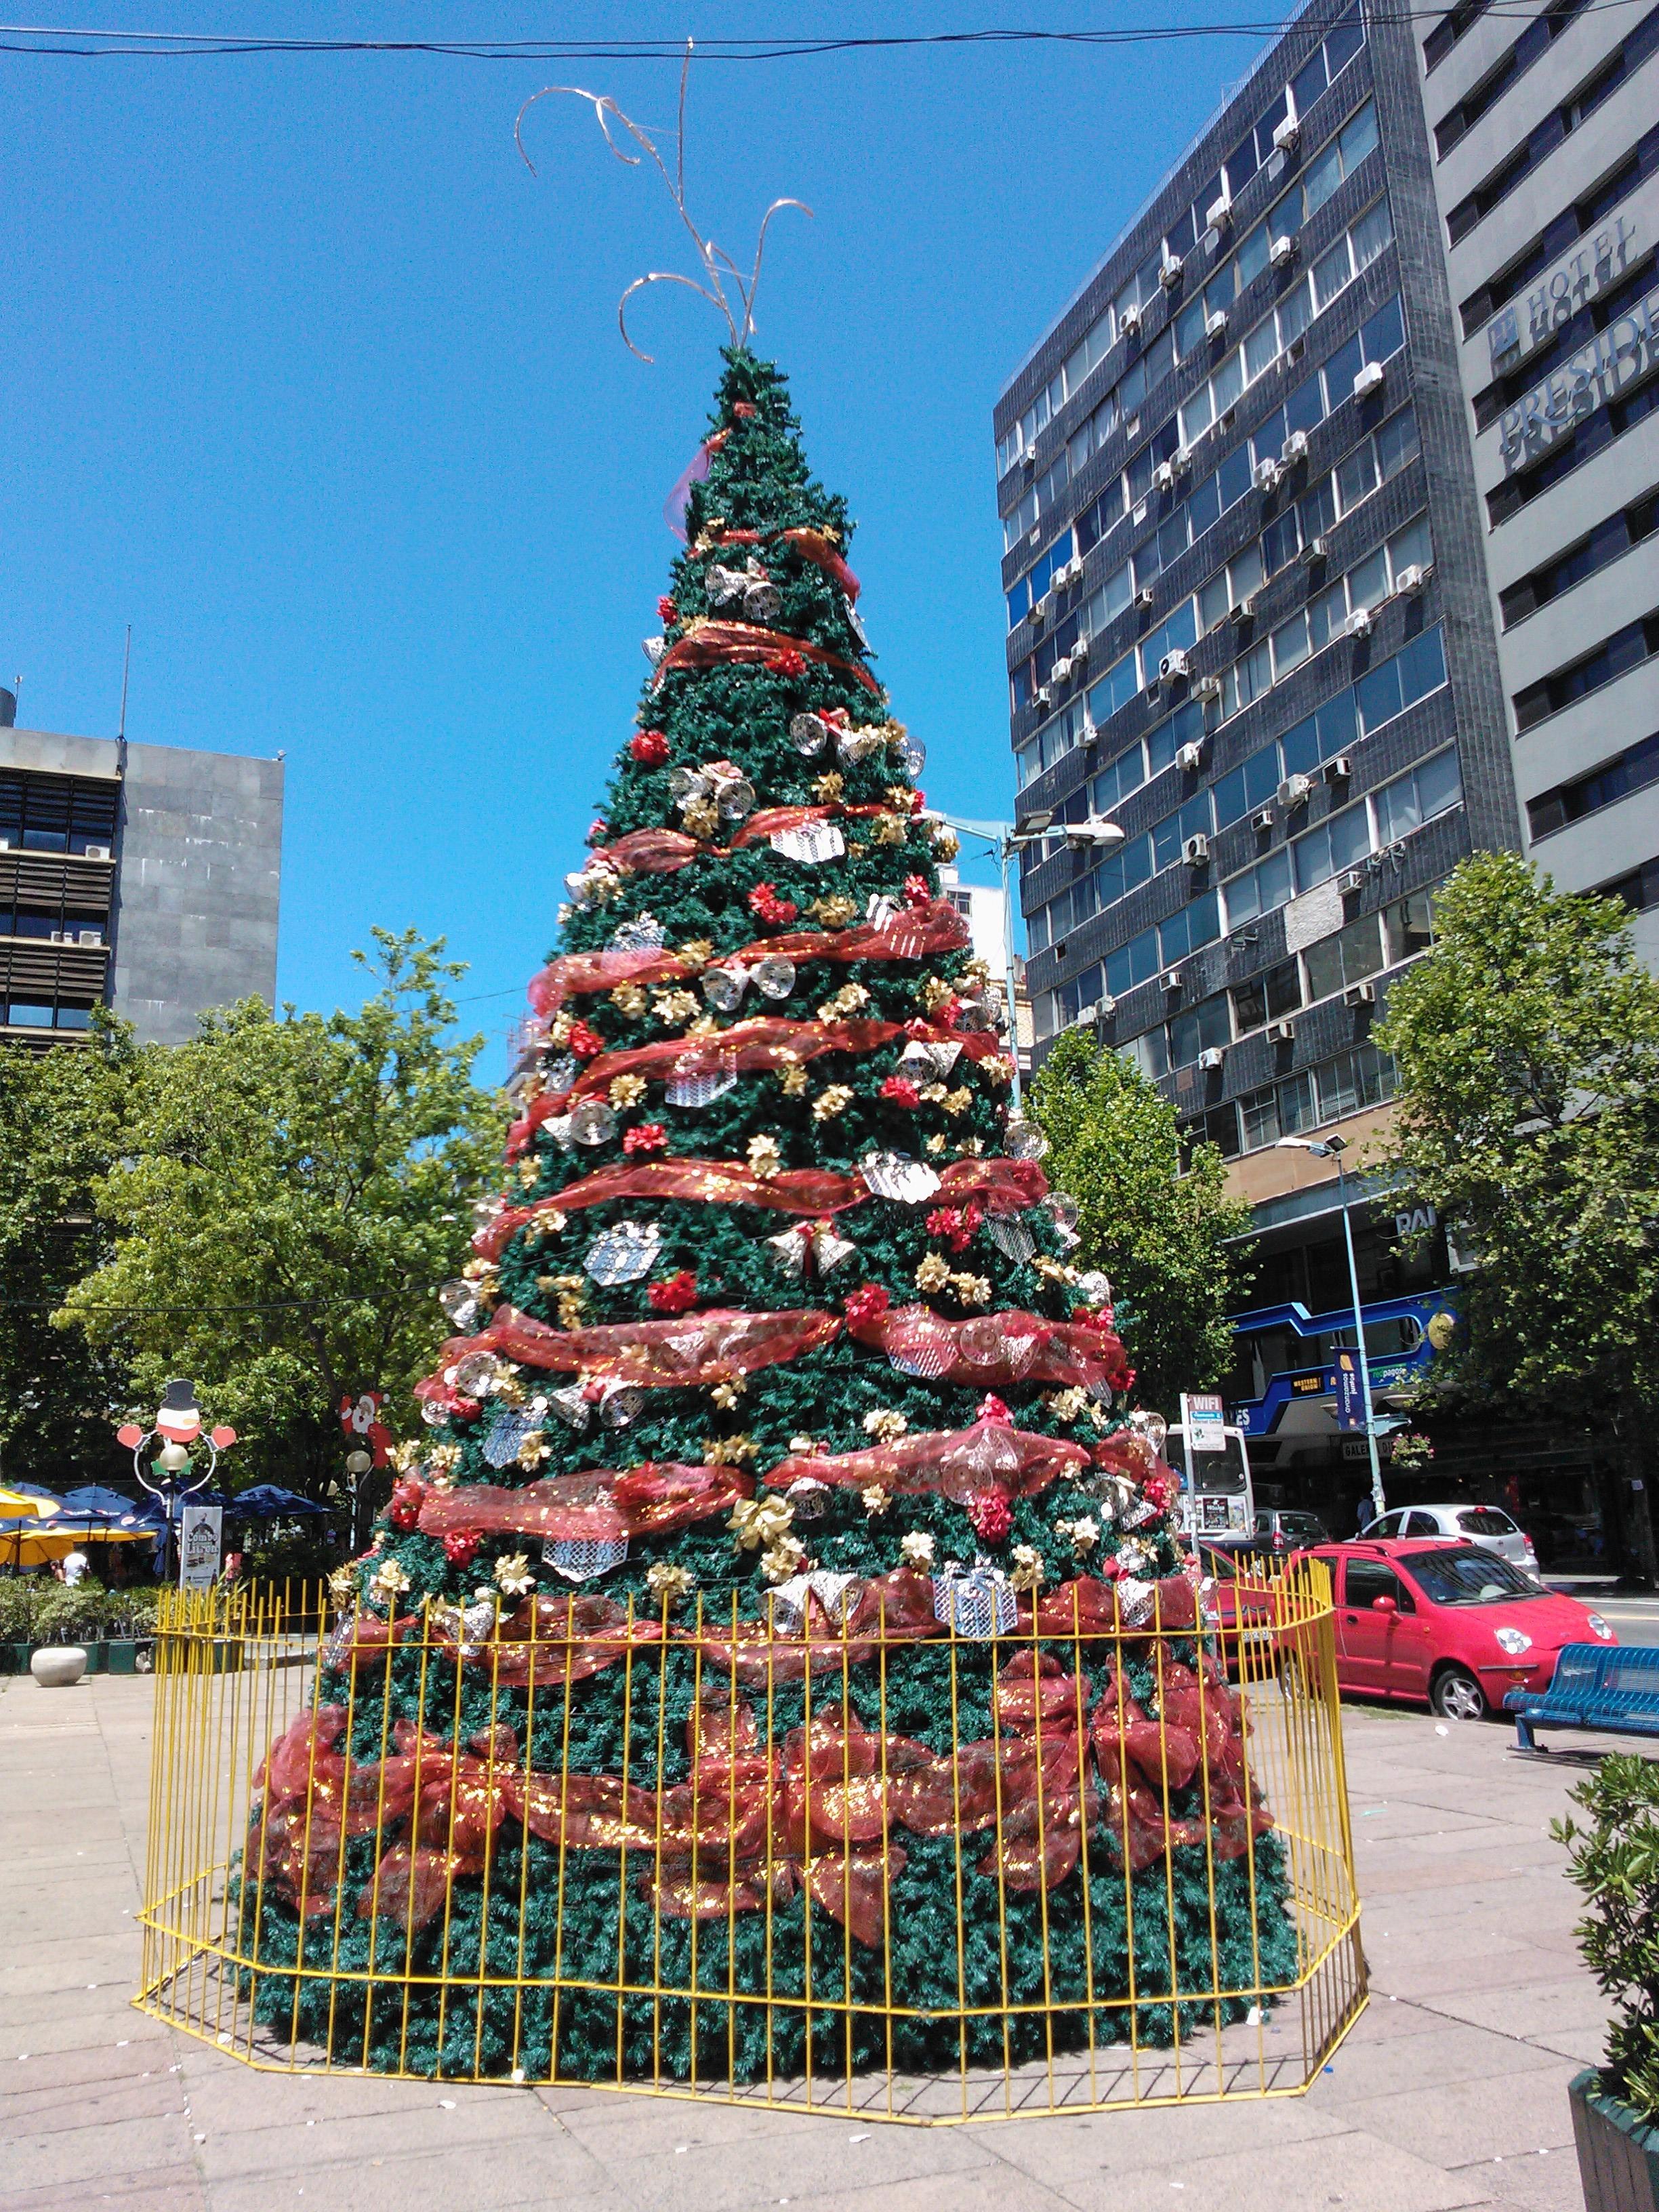 filearbol de navidad en plaza fabinijpg